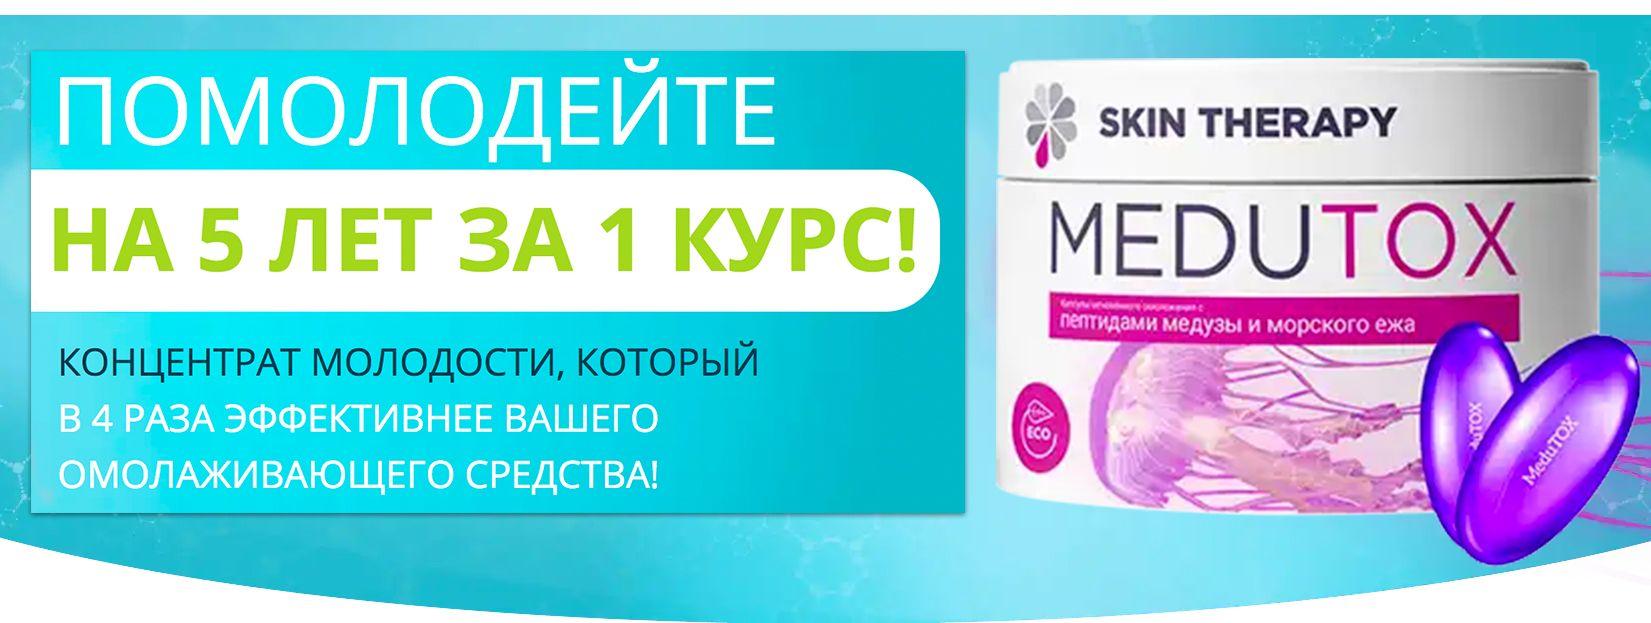 Medutox - капсулы для мгновенного омоложения свойства